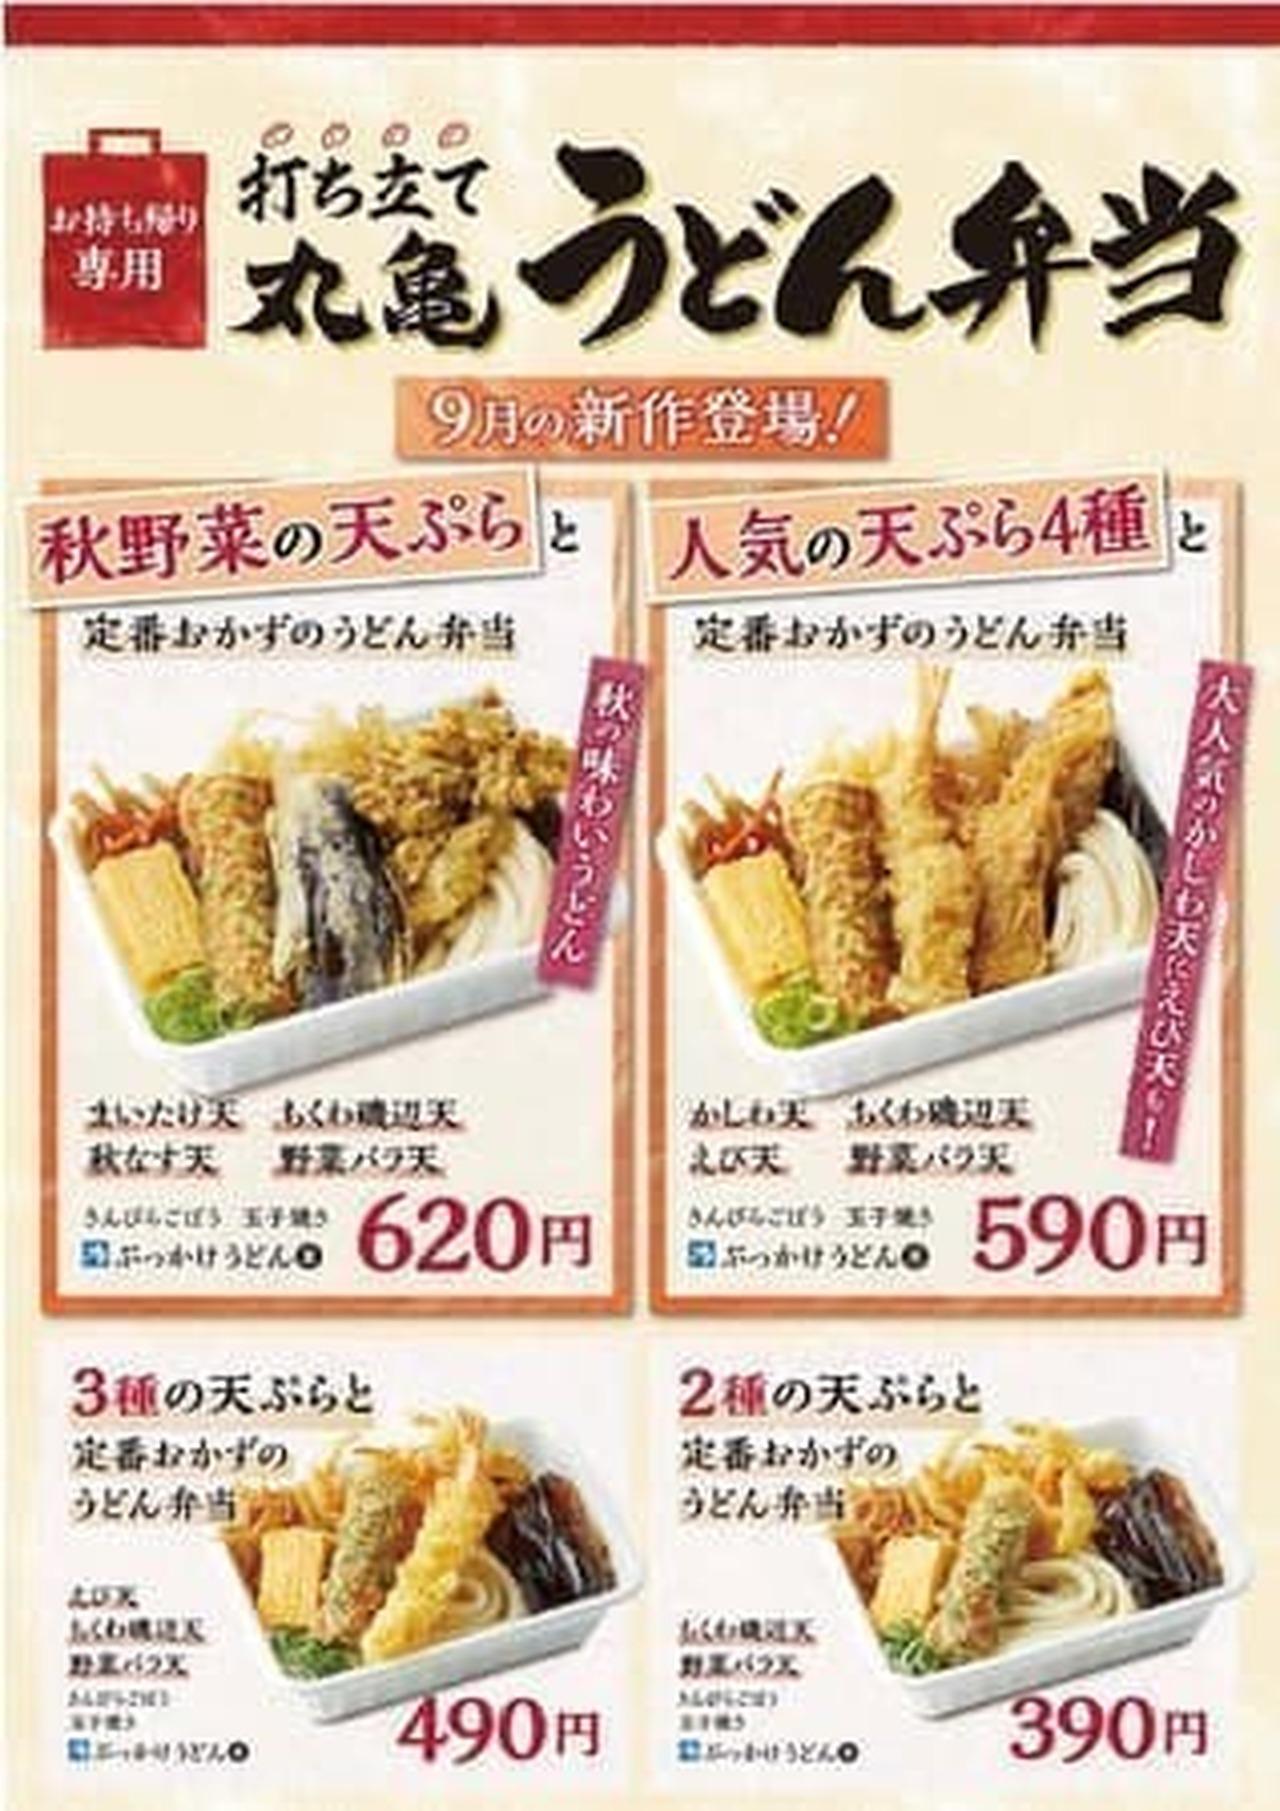 丸亀うどん弁当「秋野菜の天ぷらと定番おかずのうどん弁当」